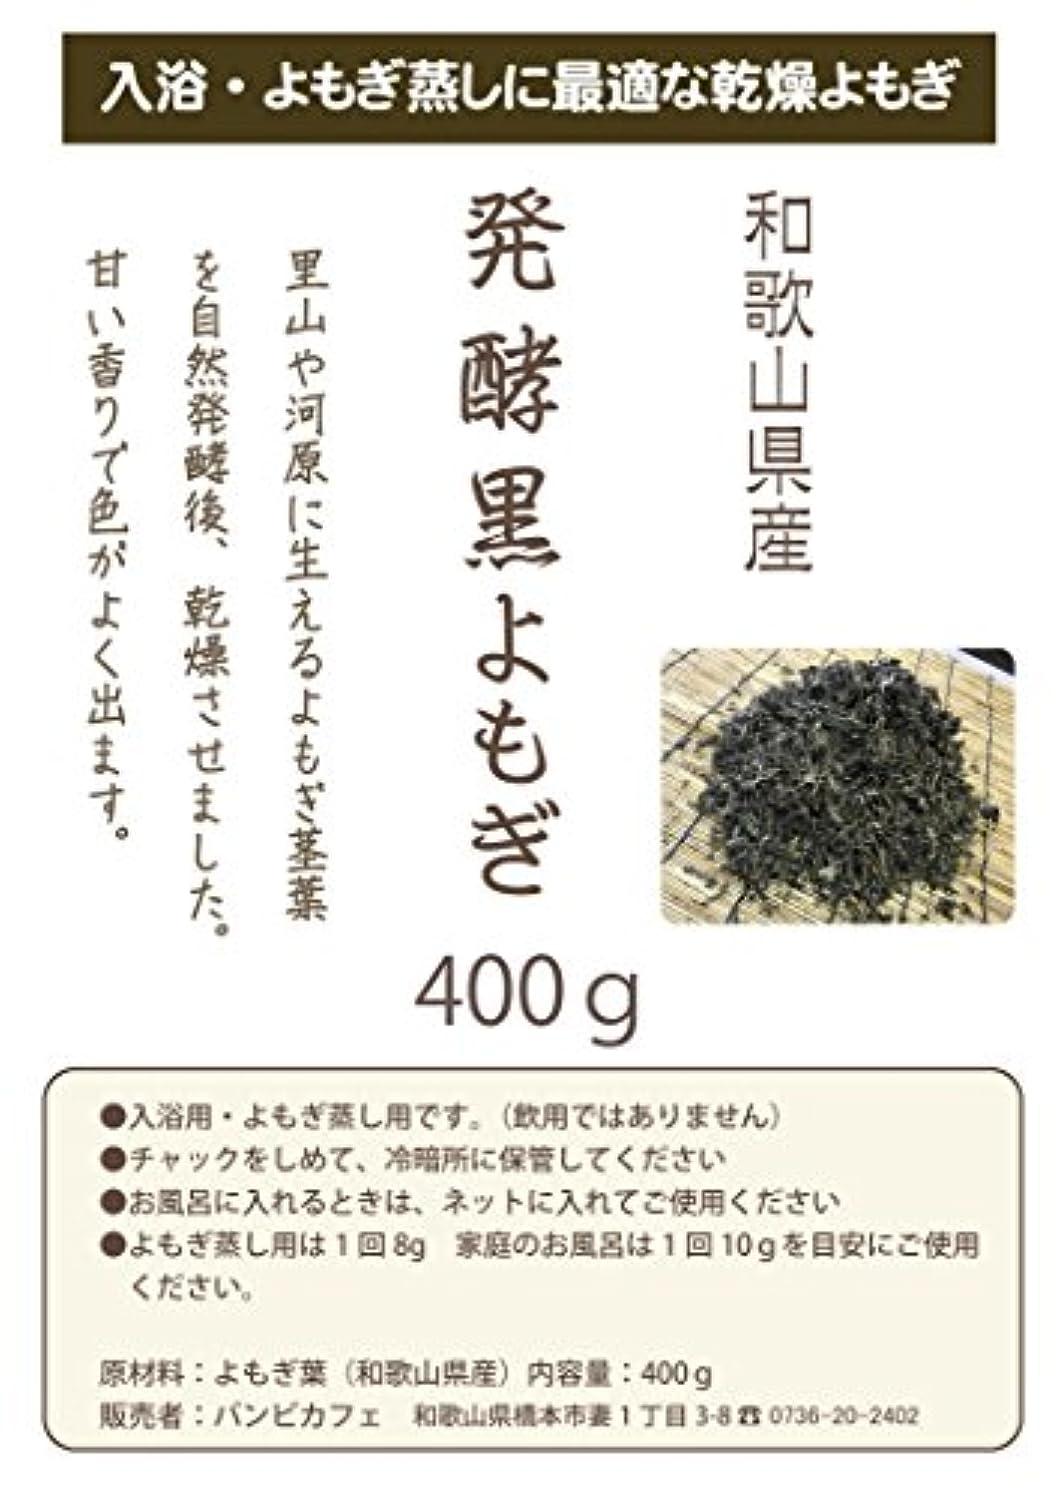 発酵黒よもぎ 400g 乾燥 和歌山県産 入浴用に特化発酵 黒 よもぎ